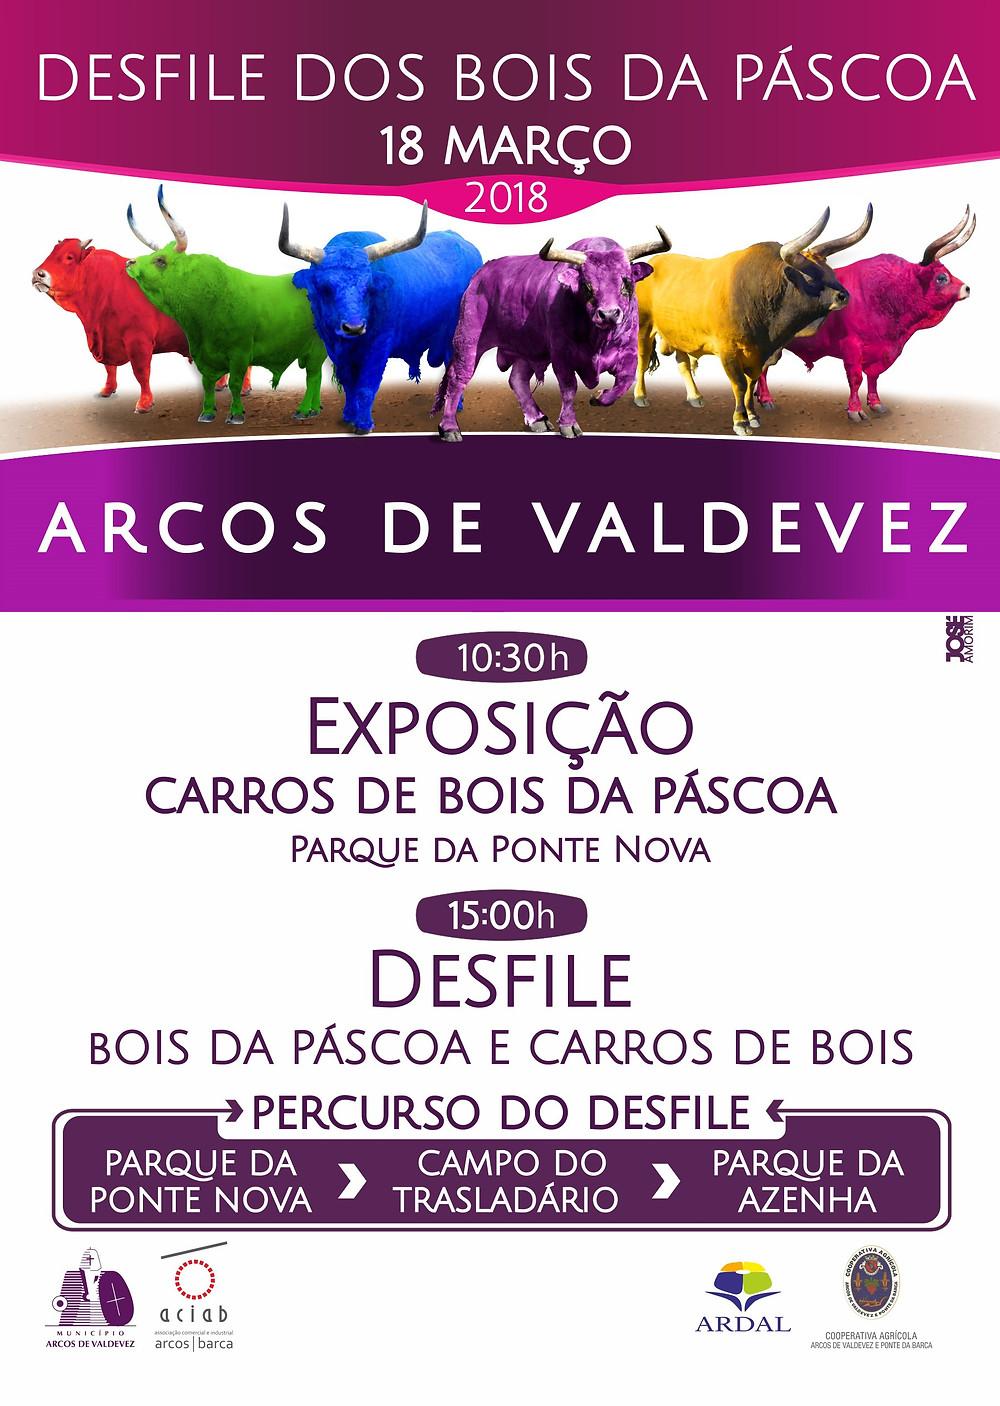 Desfile dos bois da Páscoa | Arcos de Valdevez | Peneda Gerês TV